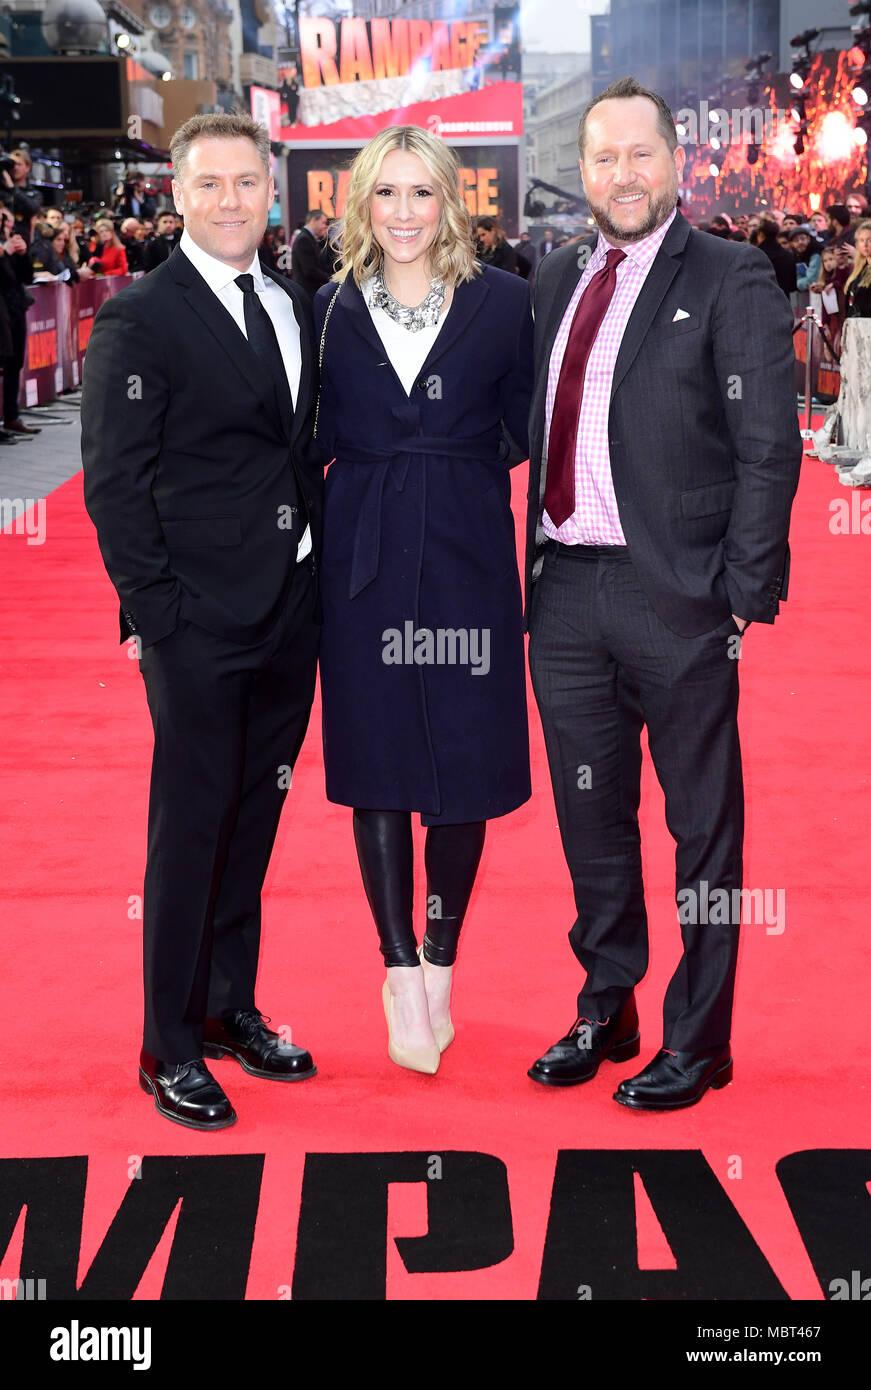 Hersteller John Rickard, Wendy Jacobson und Beau Flynn an die Europäische Premiere von Rampage, im Cineworld in Leicester Square, London Stockbild